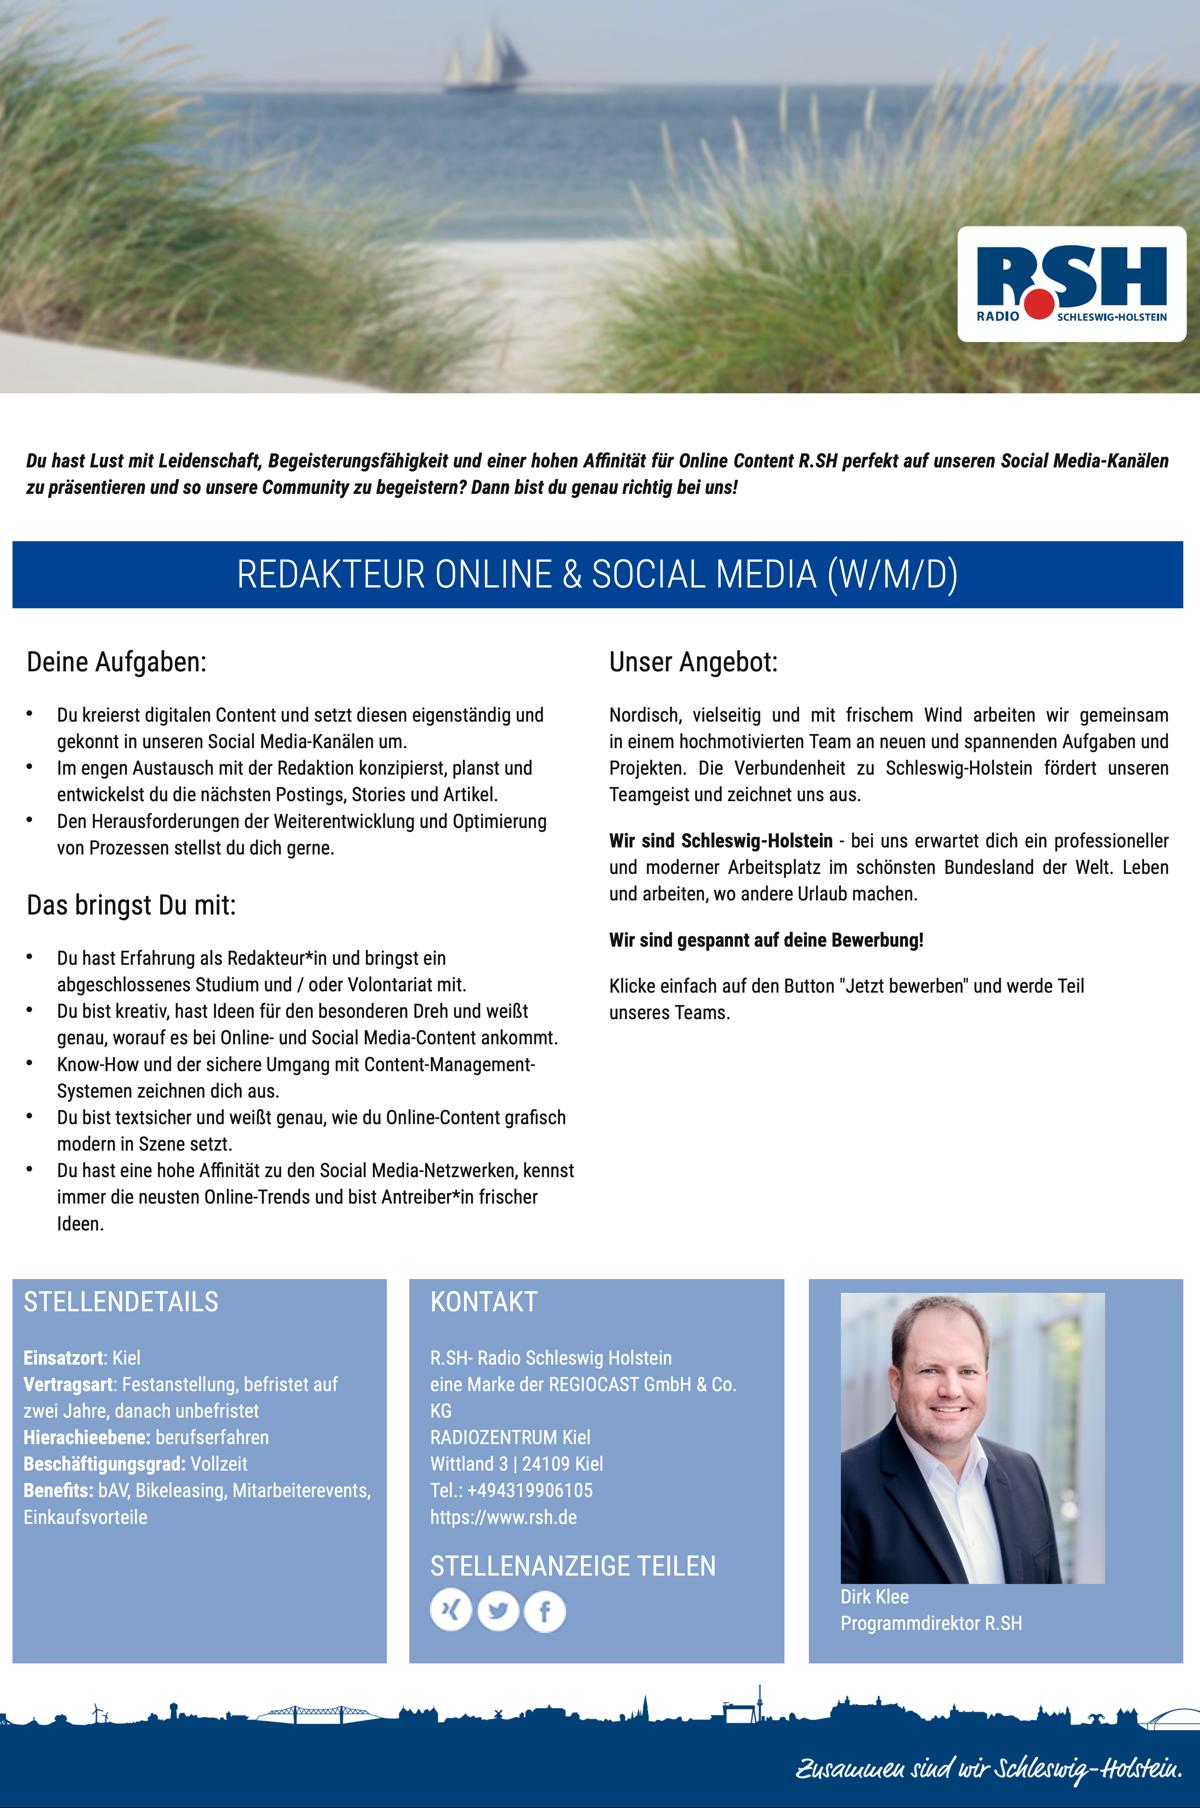 R.SH sucht Redakteur Online & Social Media (m/w/d)